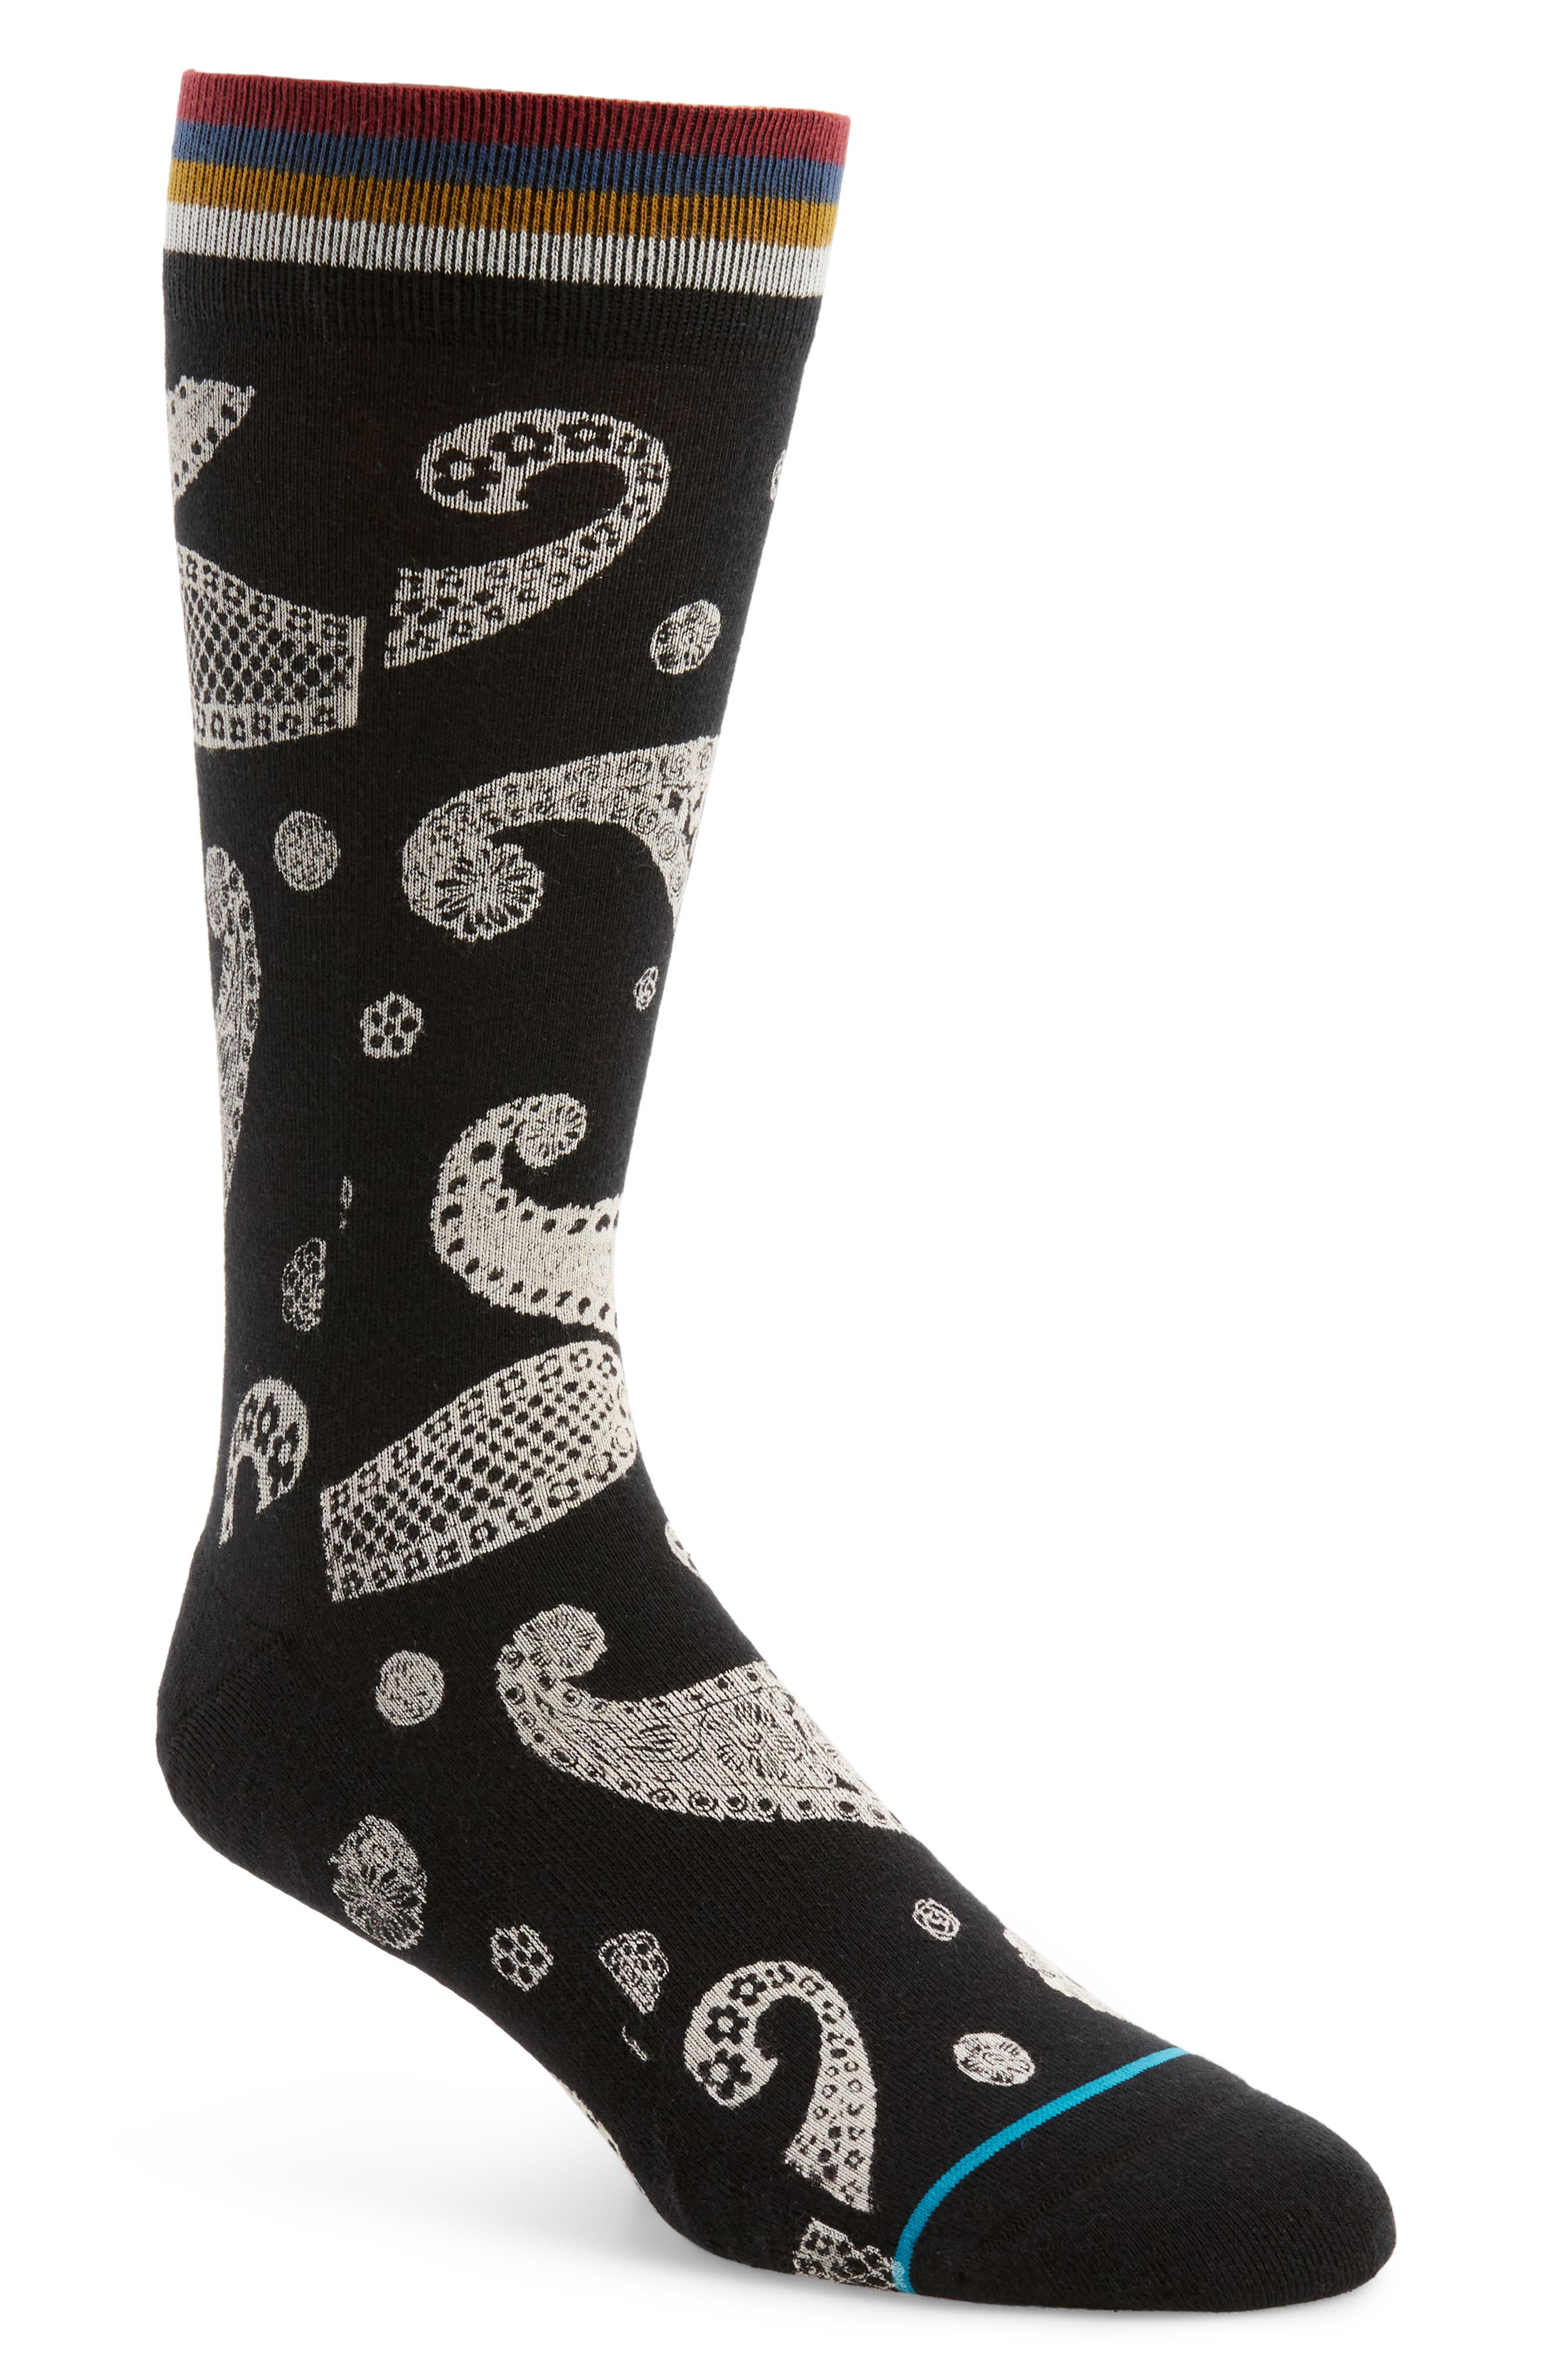 Stance Moonwalkers Socks